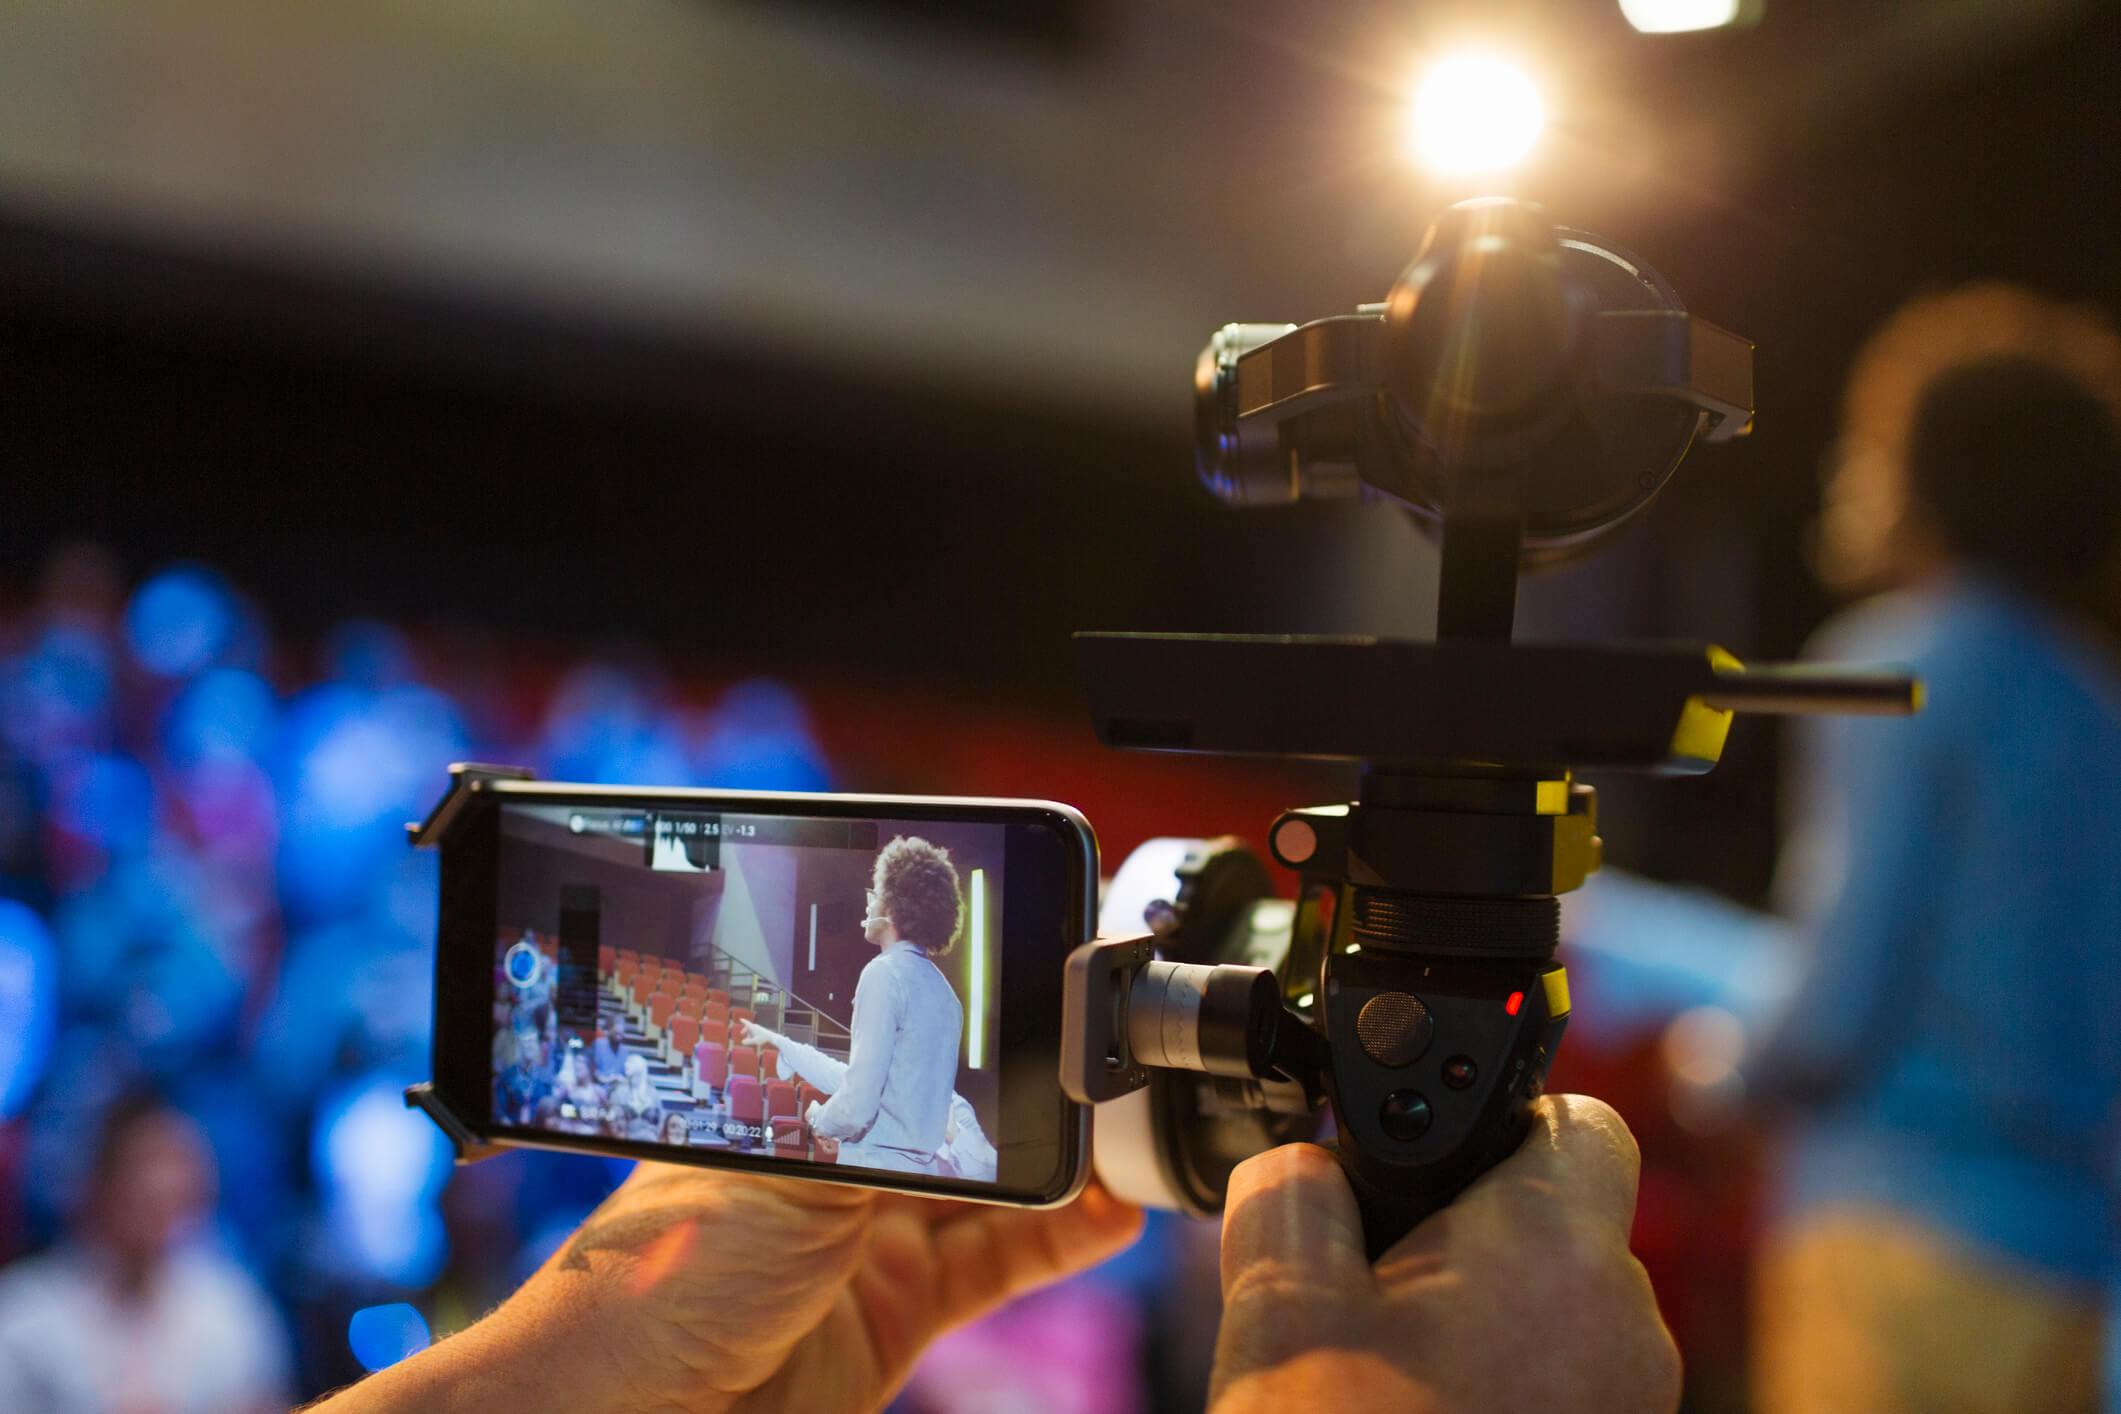 Cobertura de eventos: como usar redes sociais para uma boa divulgação?